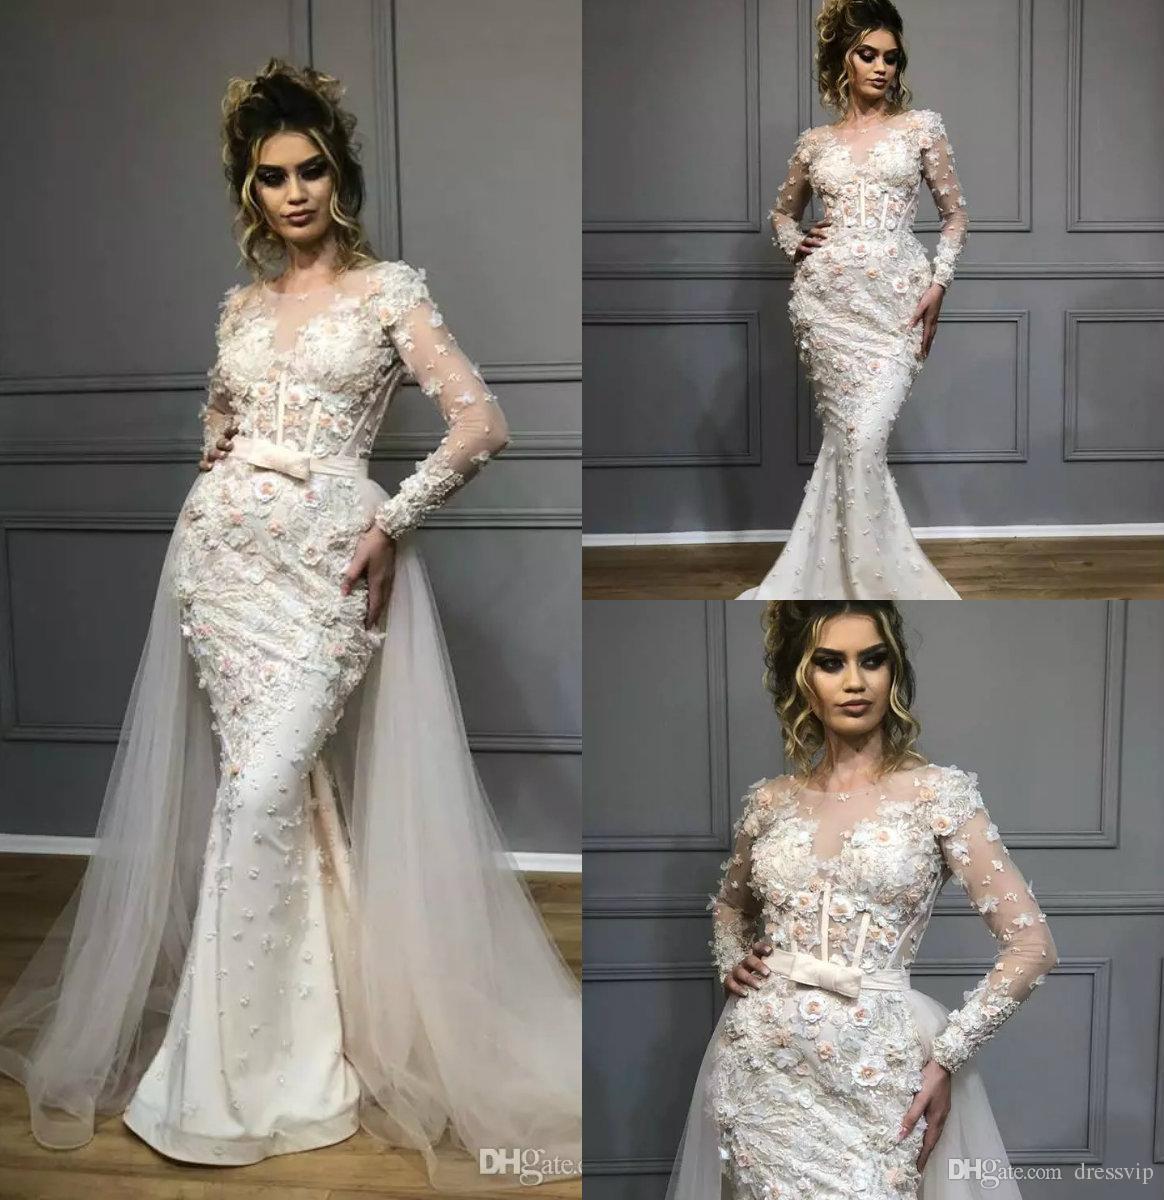 81564b58b Compre Sirena 2019 Vestidos De Novia Con Tren Desmontable Joya Con Cuello  Apliques De Encaje Vestido De Boda Rural Manga Larga Tallas Grandes Vestidos  De ...